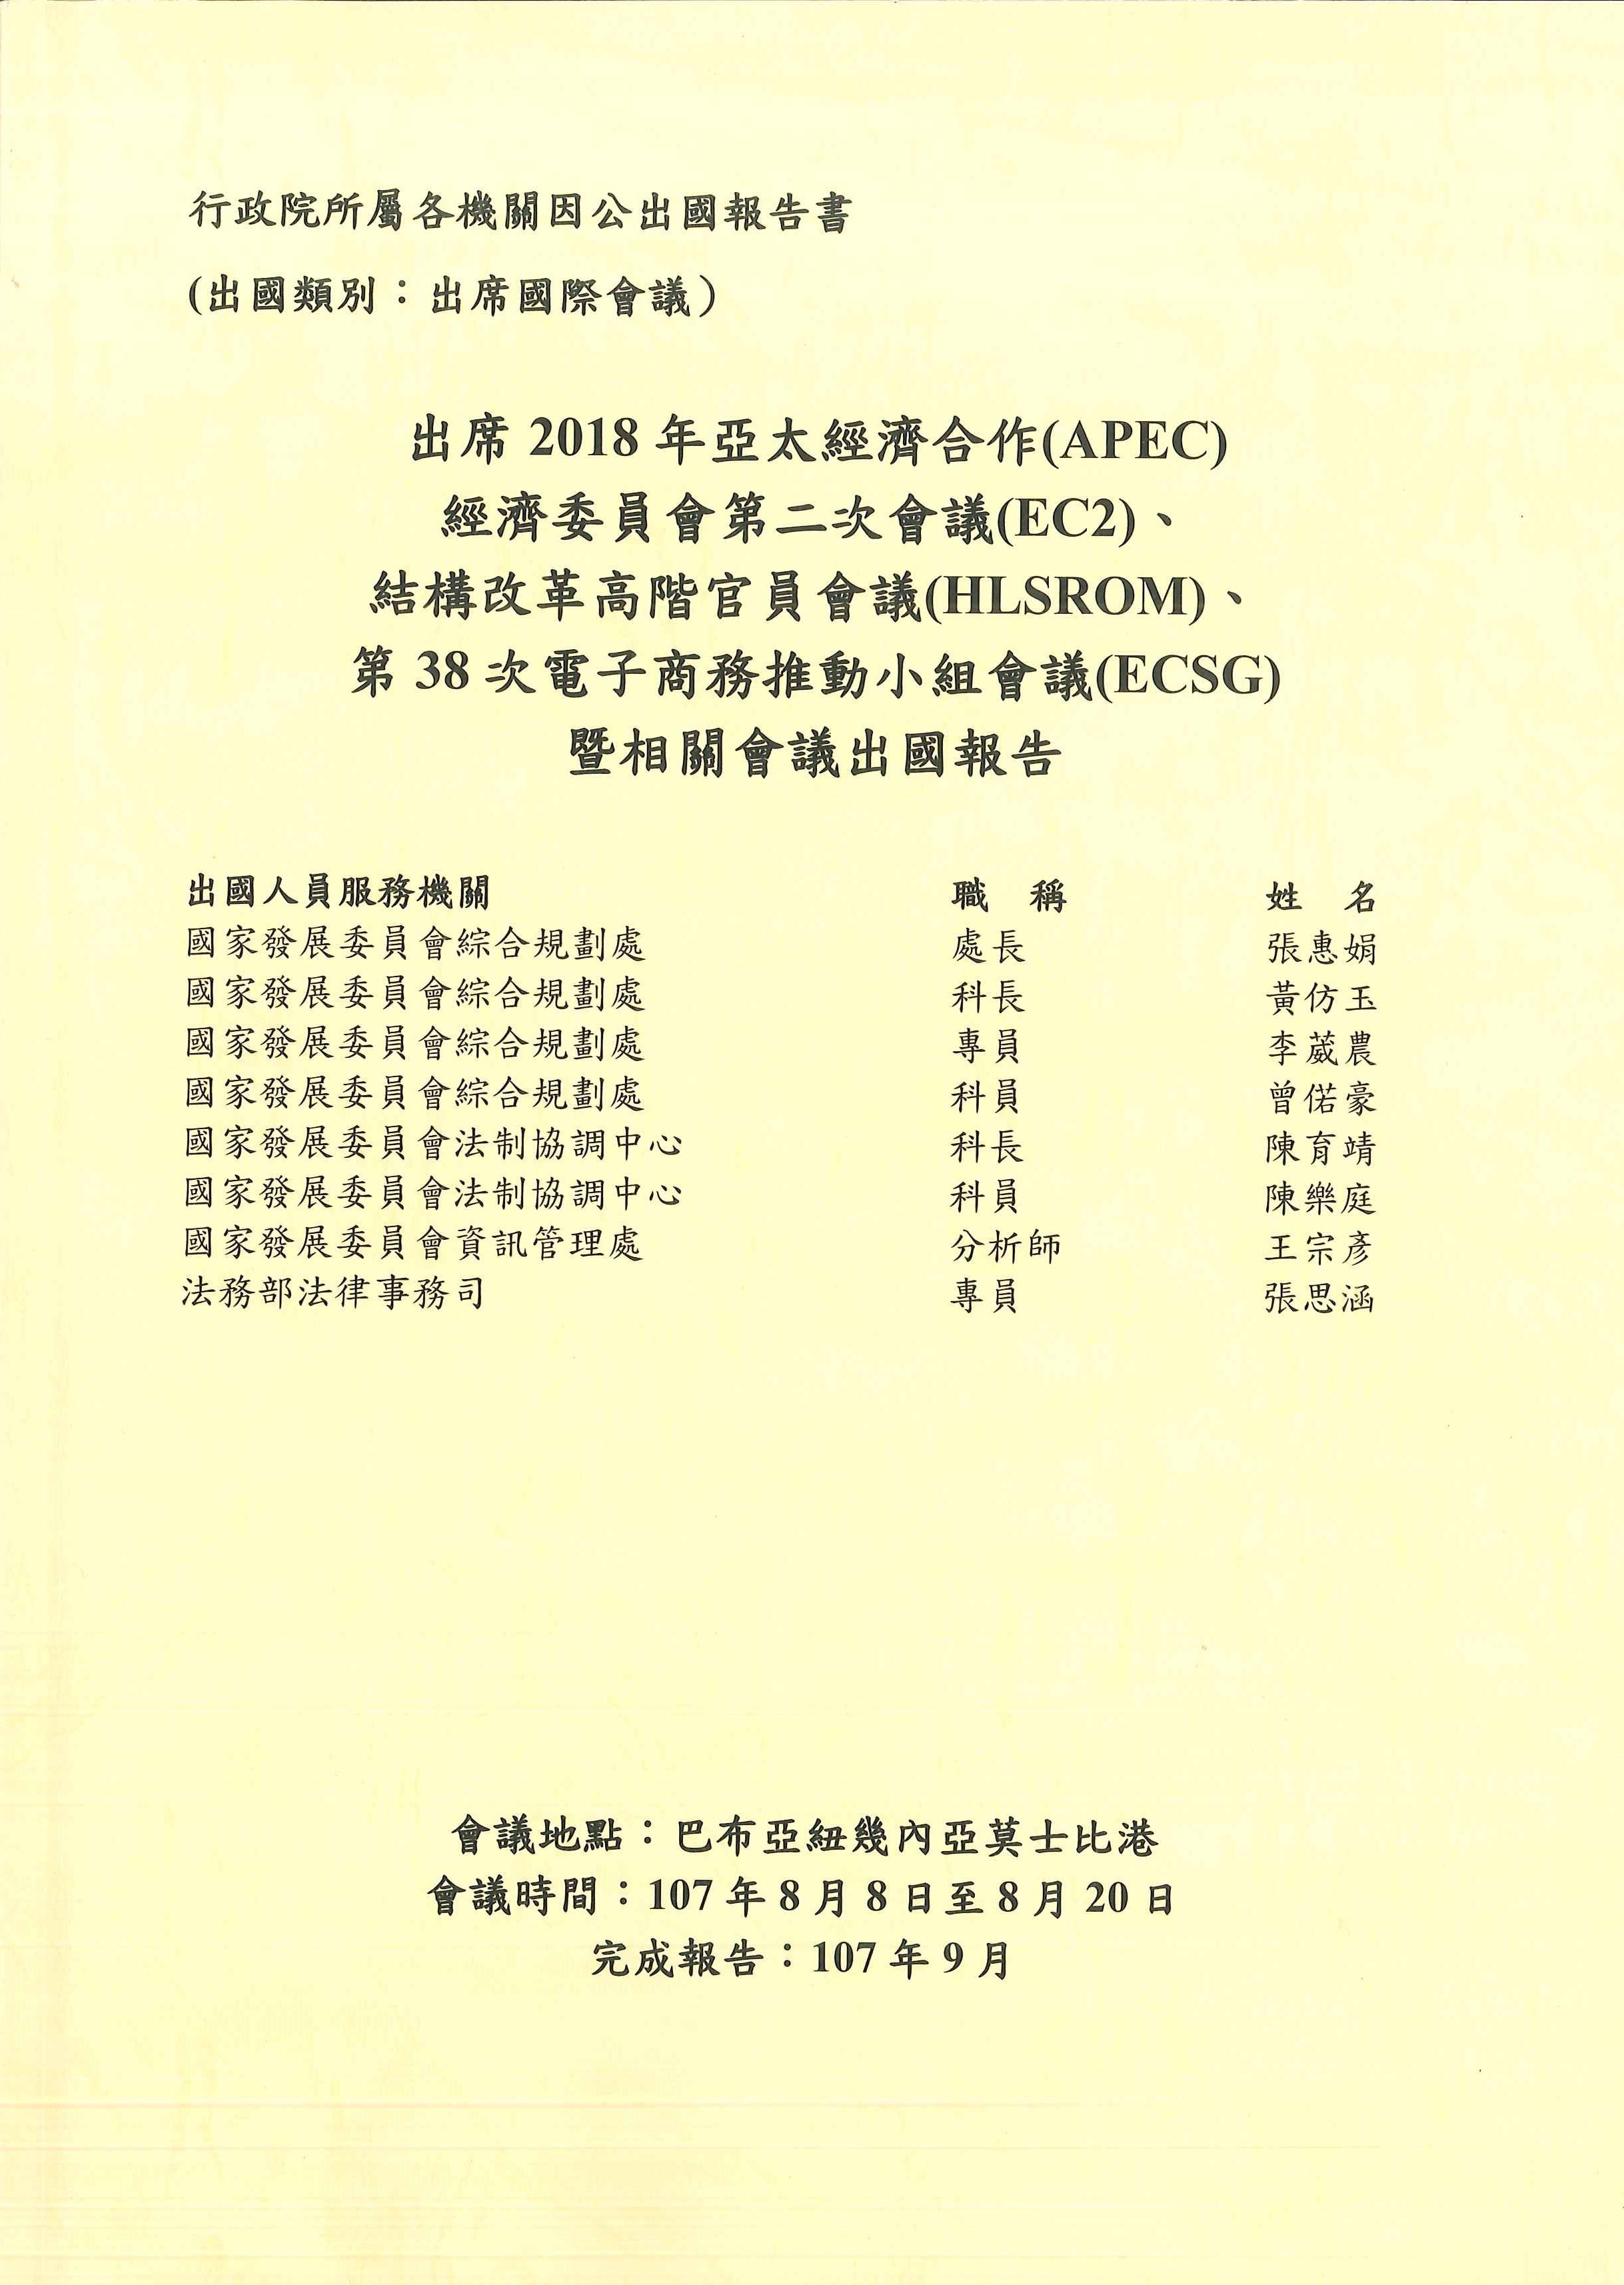 出席2018年亞太經濟合作(APEC)經濟委員會第二次會議(EC2)、結構改革高階官員會議(HLSROM)、第38次電子商務推動小組會議(ECSG)暨相關會議出國報告